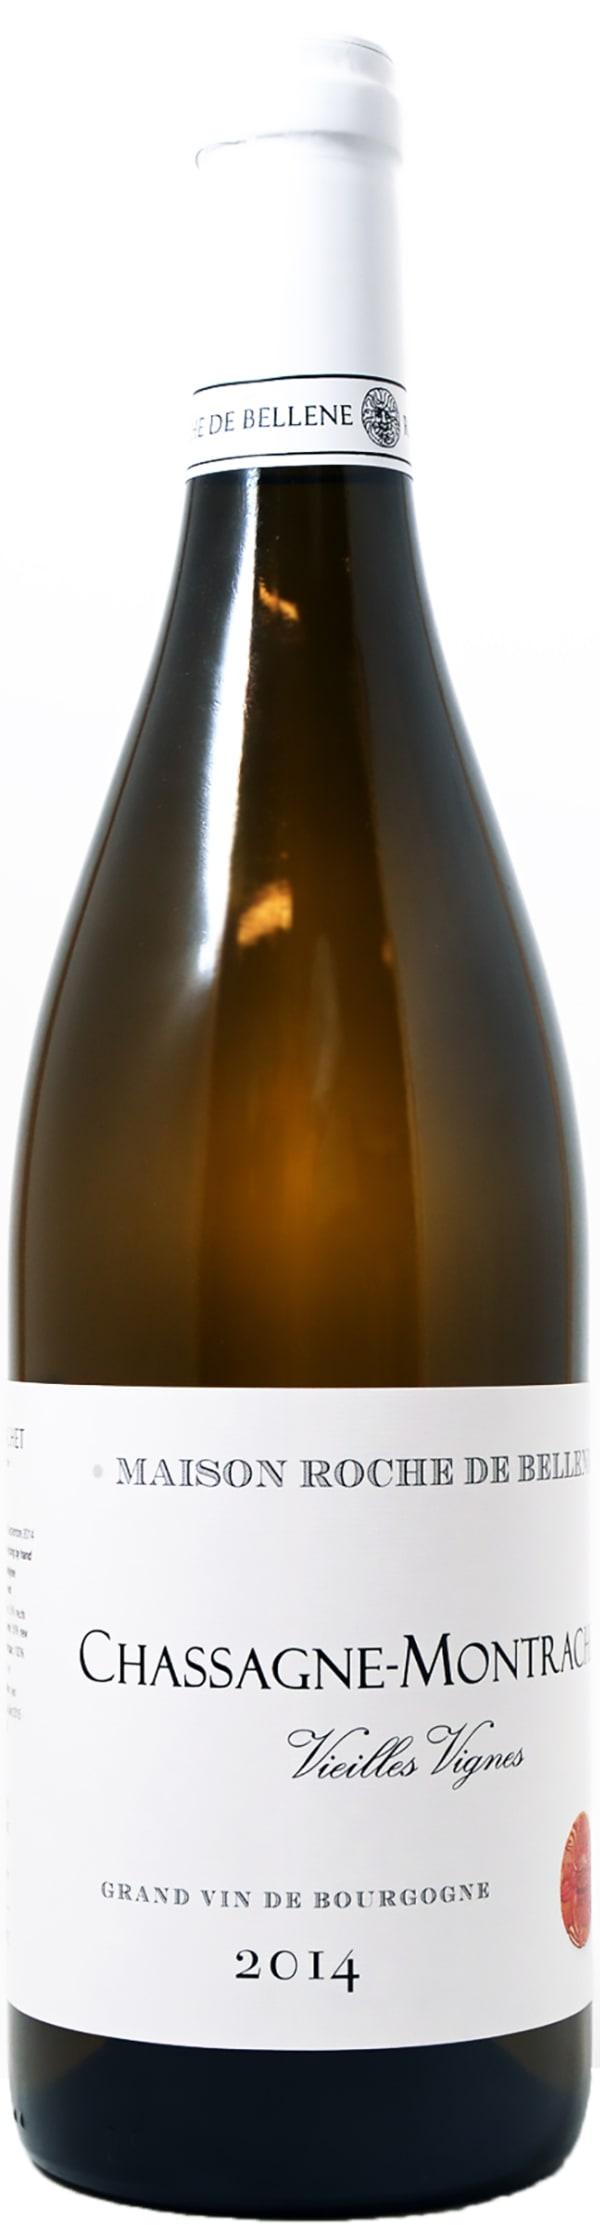 Maison Roche Chassagne-Montrachet Vieilles Vignes  2014